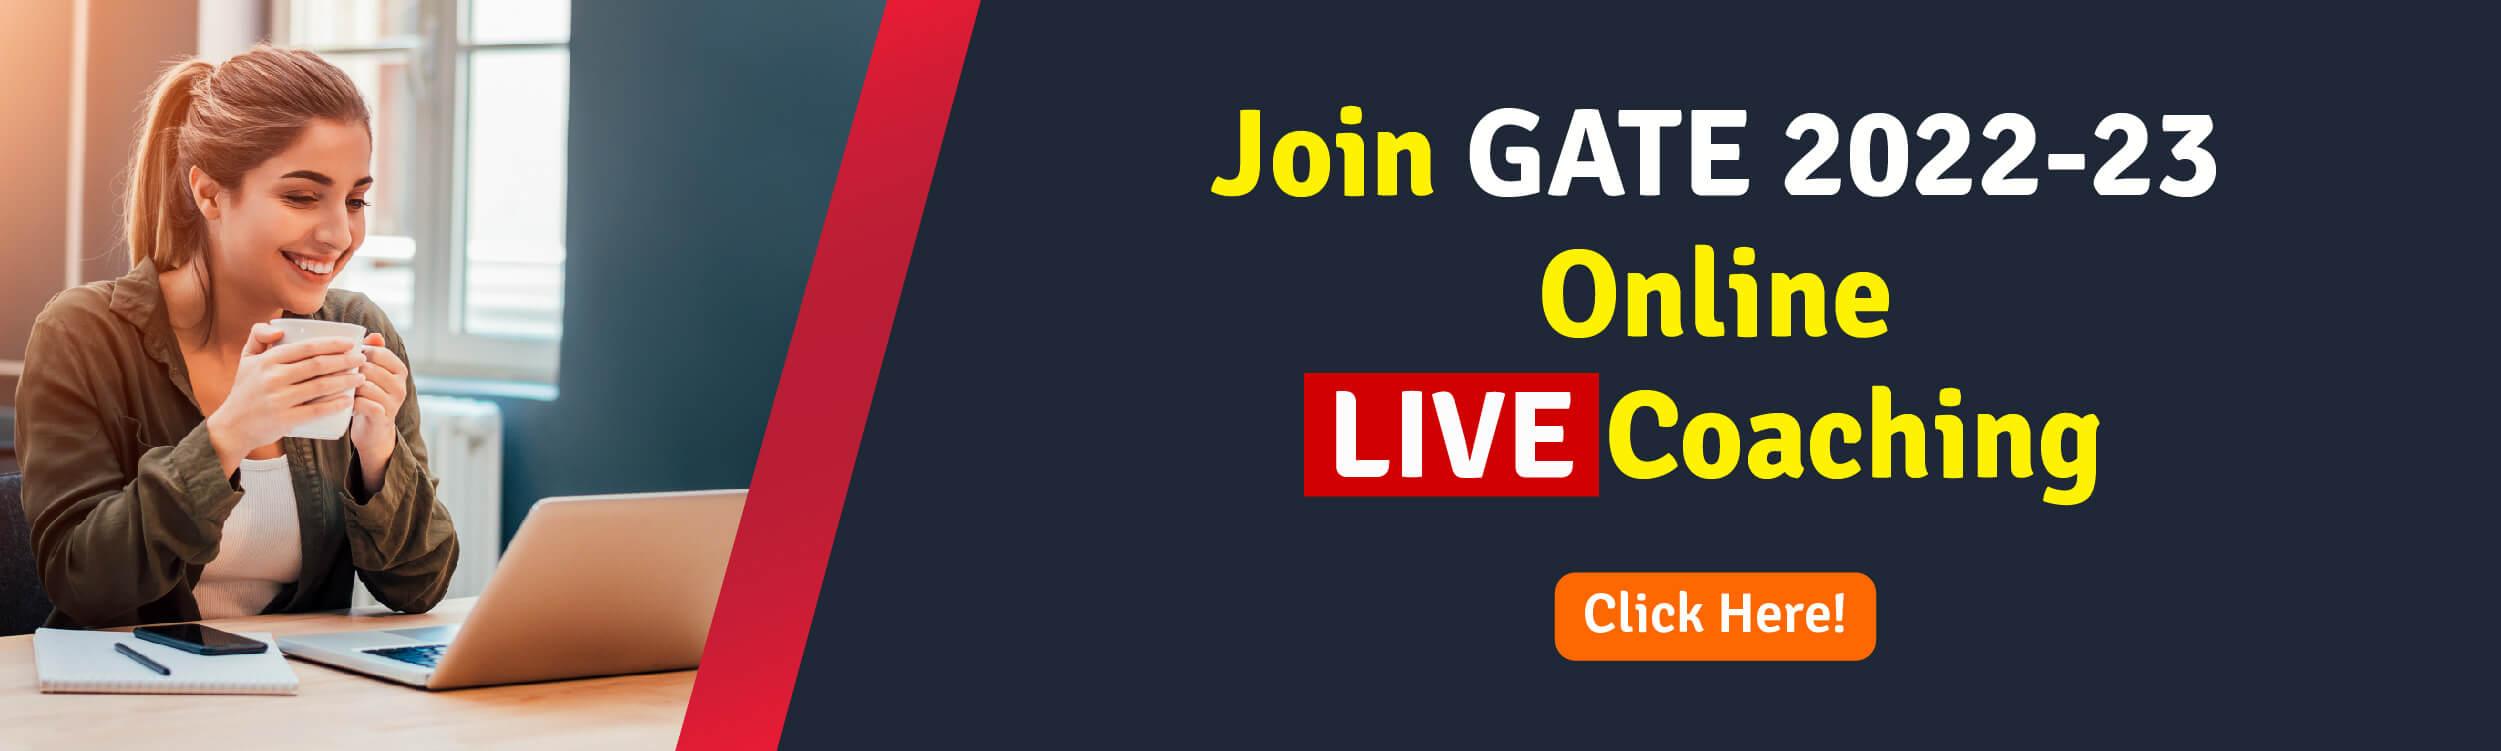 GATE Online coaching-CTA